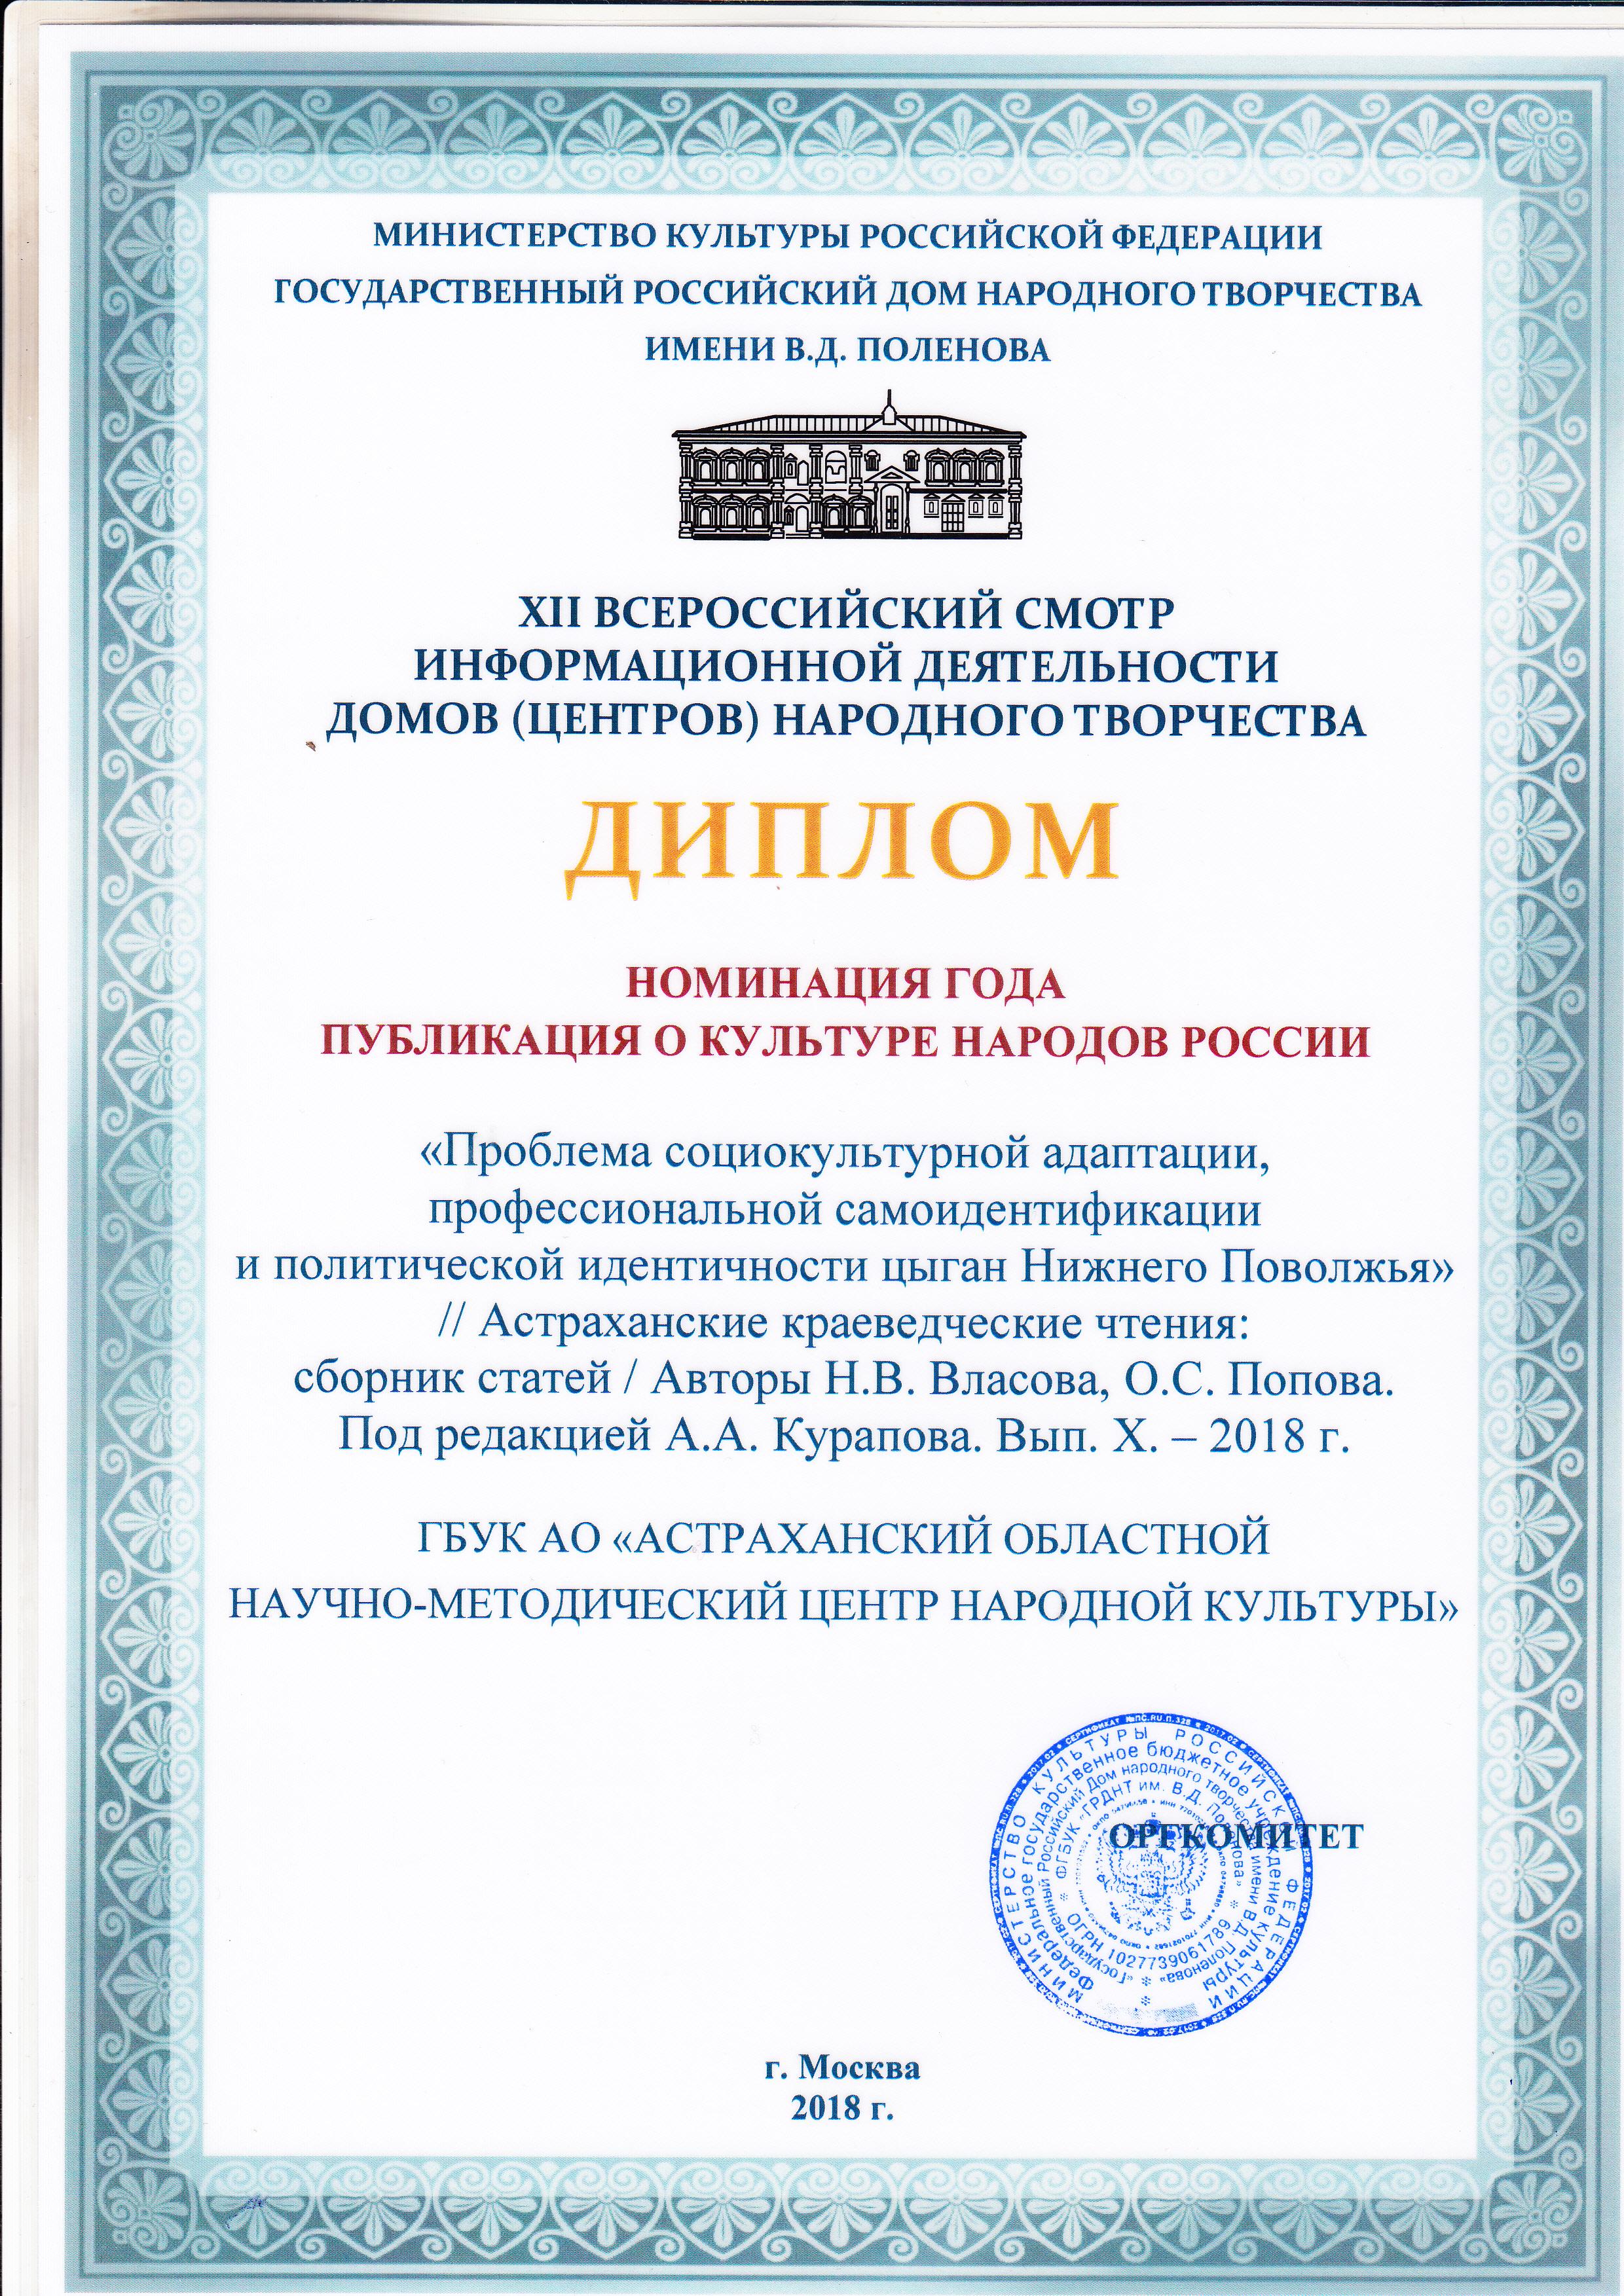 Астраханский методический центр народной культуры в числе призеров всероссийского смотра